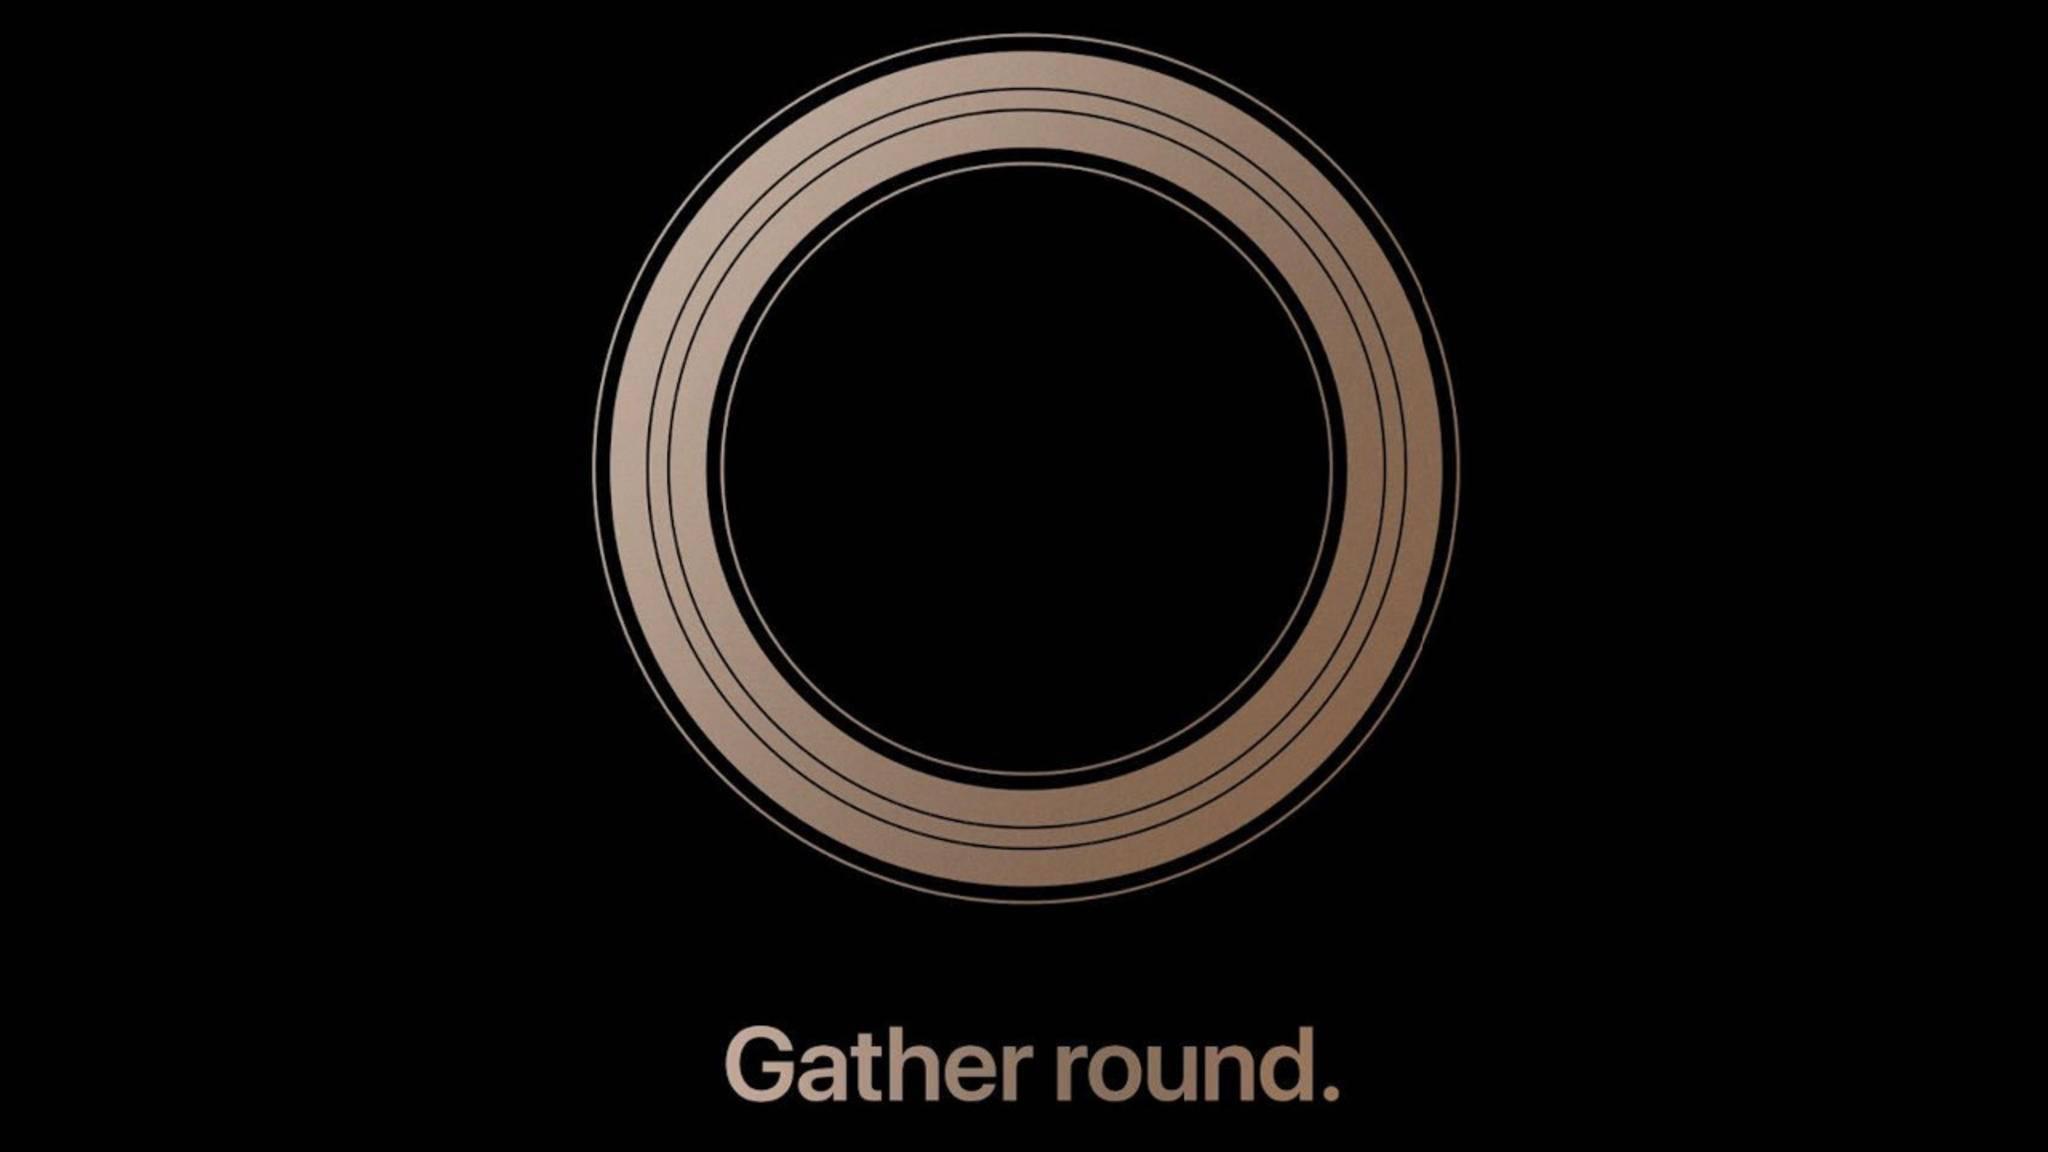 Am 12. September gibt es Neuigkeiten von Apple.